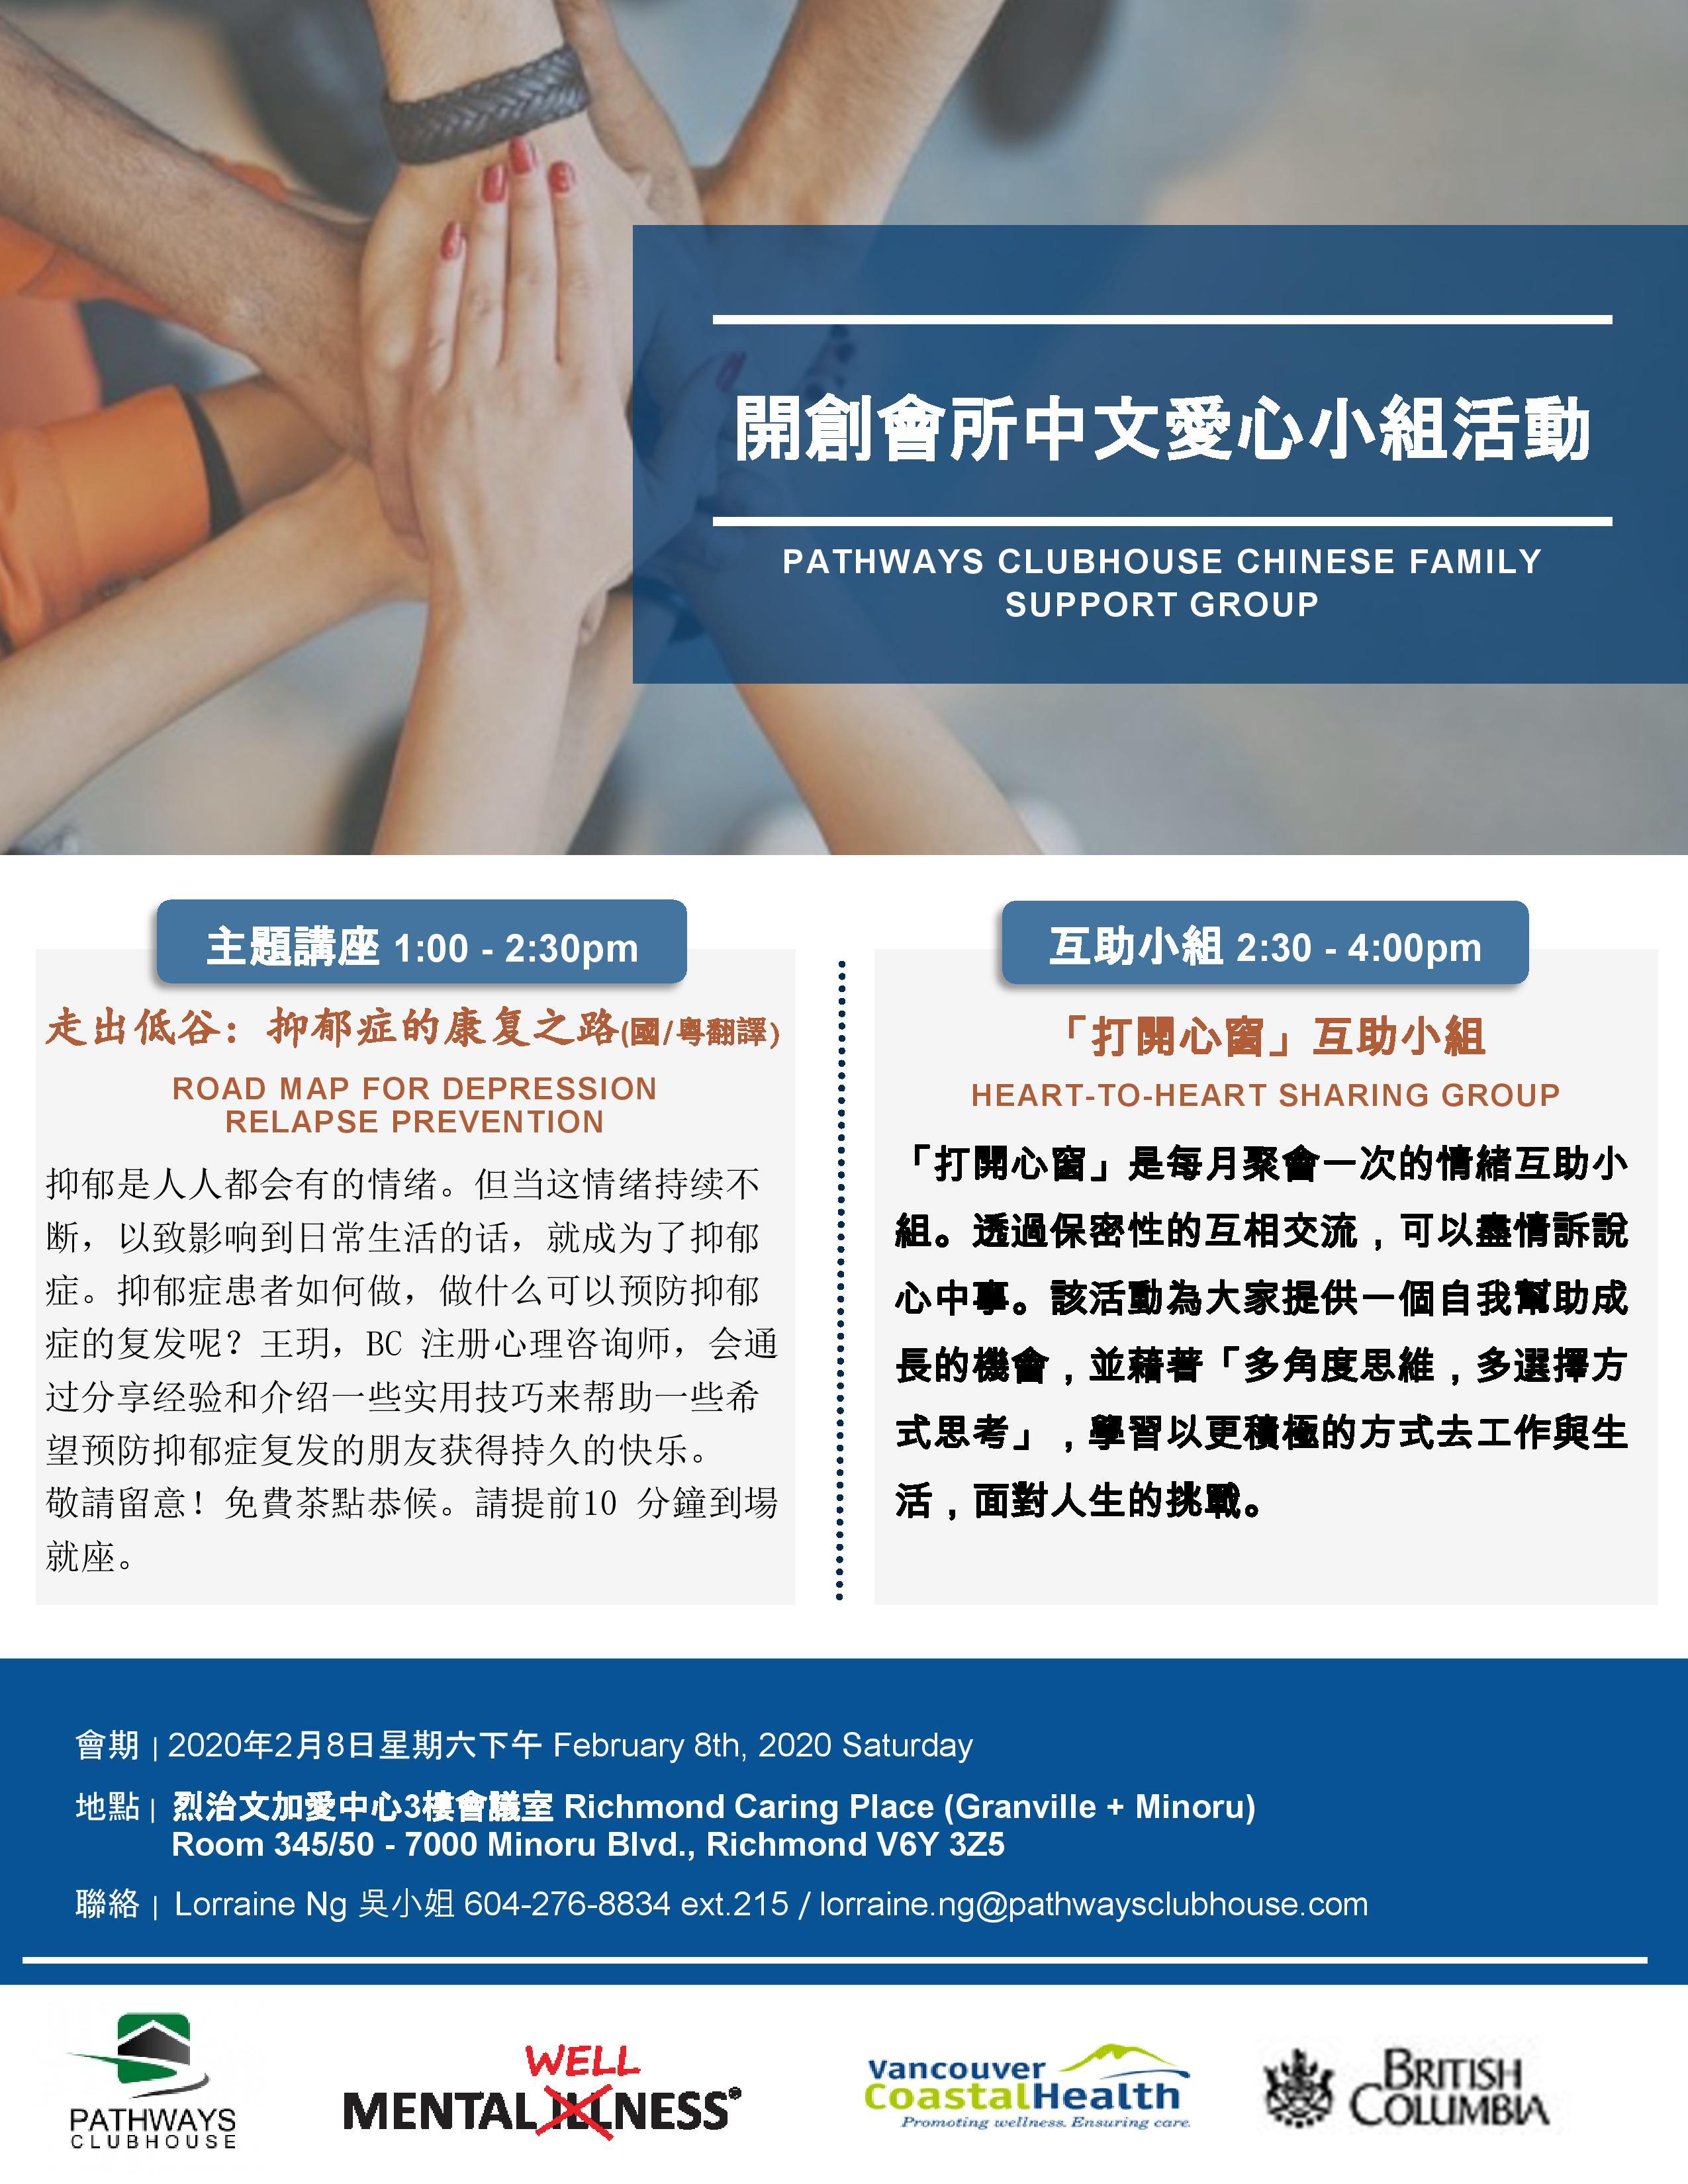 走出低谷: 抑郁癥的康復之路 Road Map for Depression Relapse Prevention – 中文愛心互助小組Chinese Family Workshops